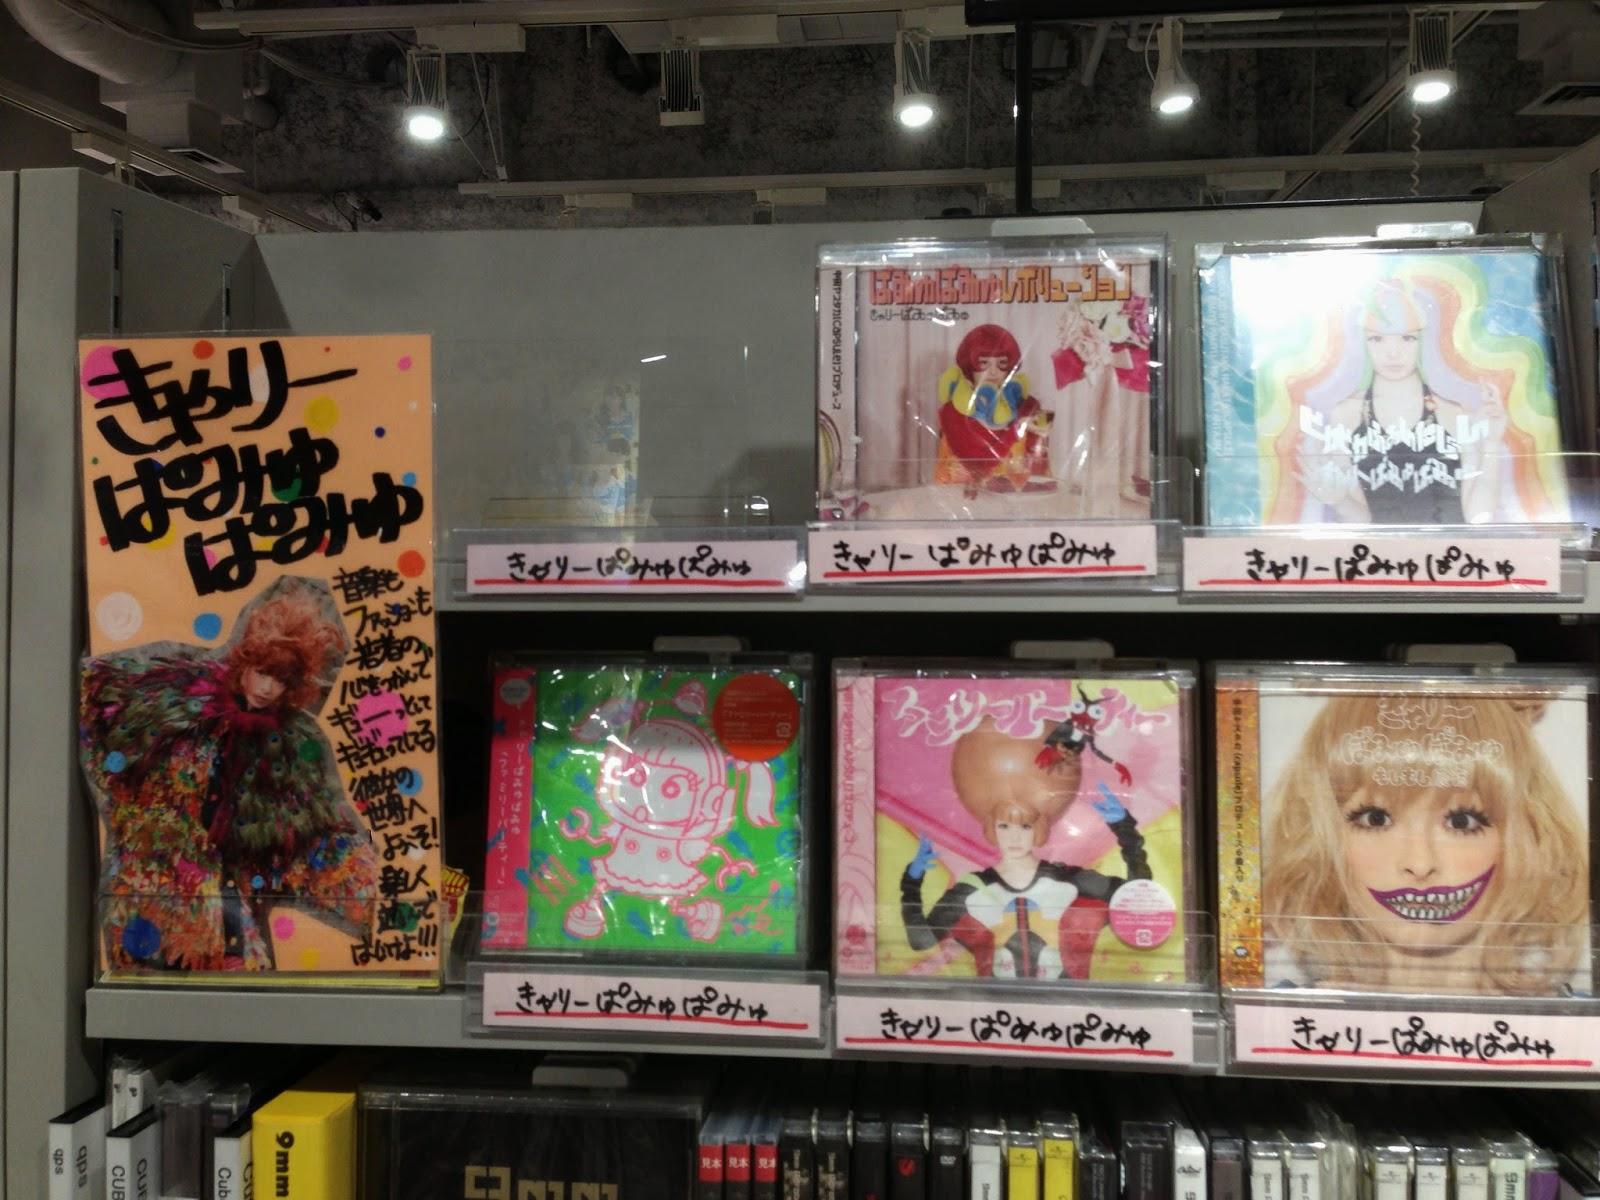 Kyary Pamyu Pamyu Tower Records Shibuya